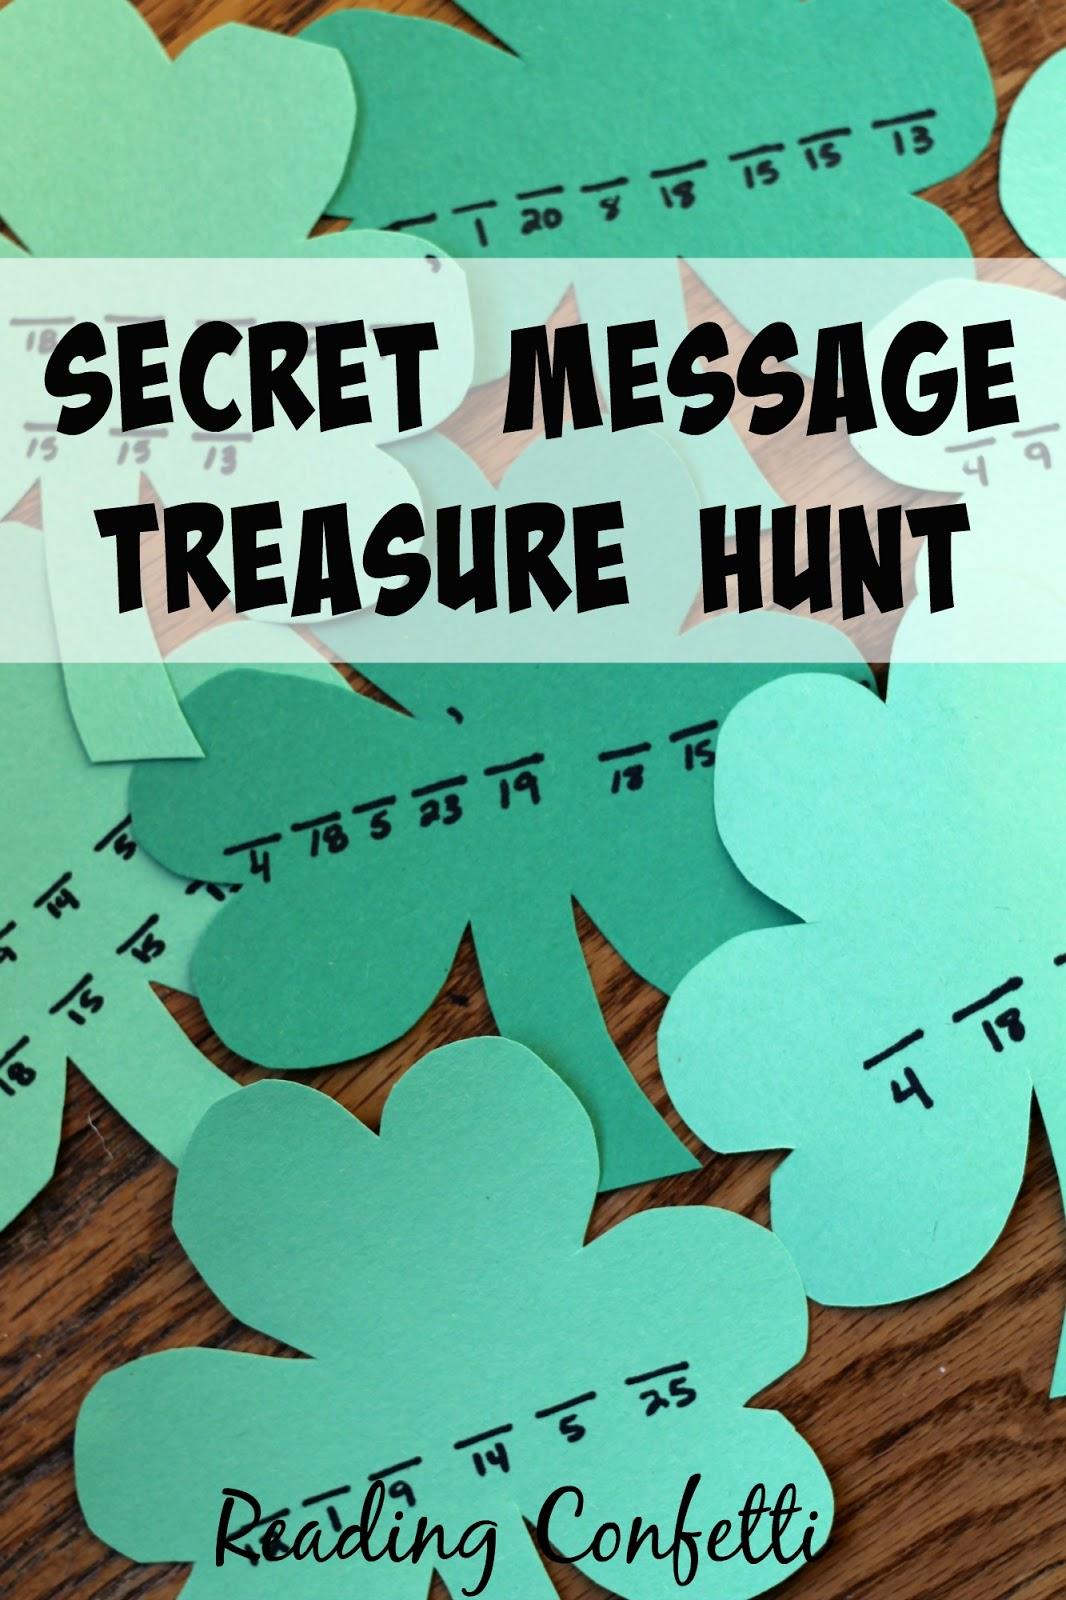 Secret Code Treasure Hunt Reading Confetti